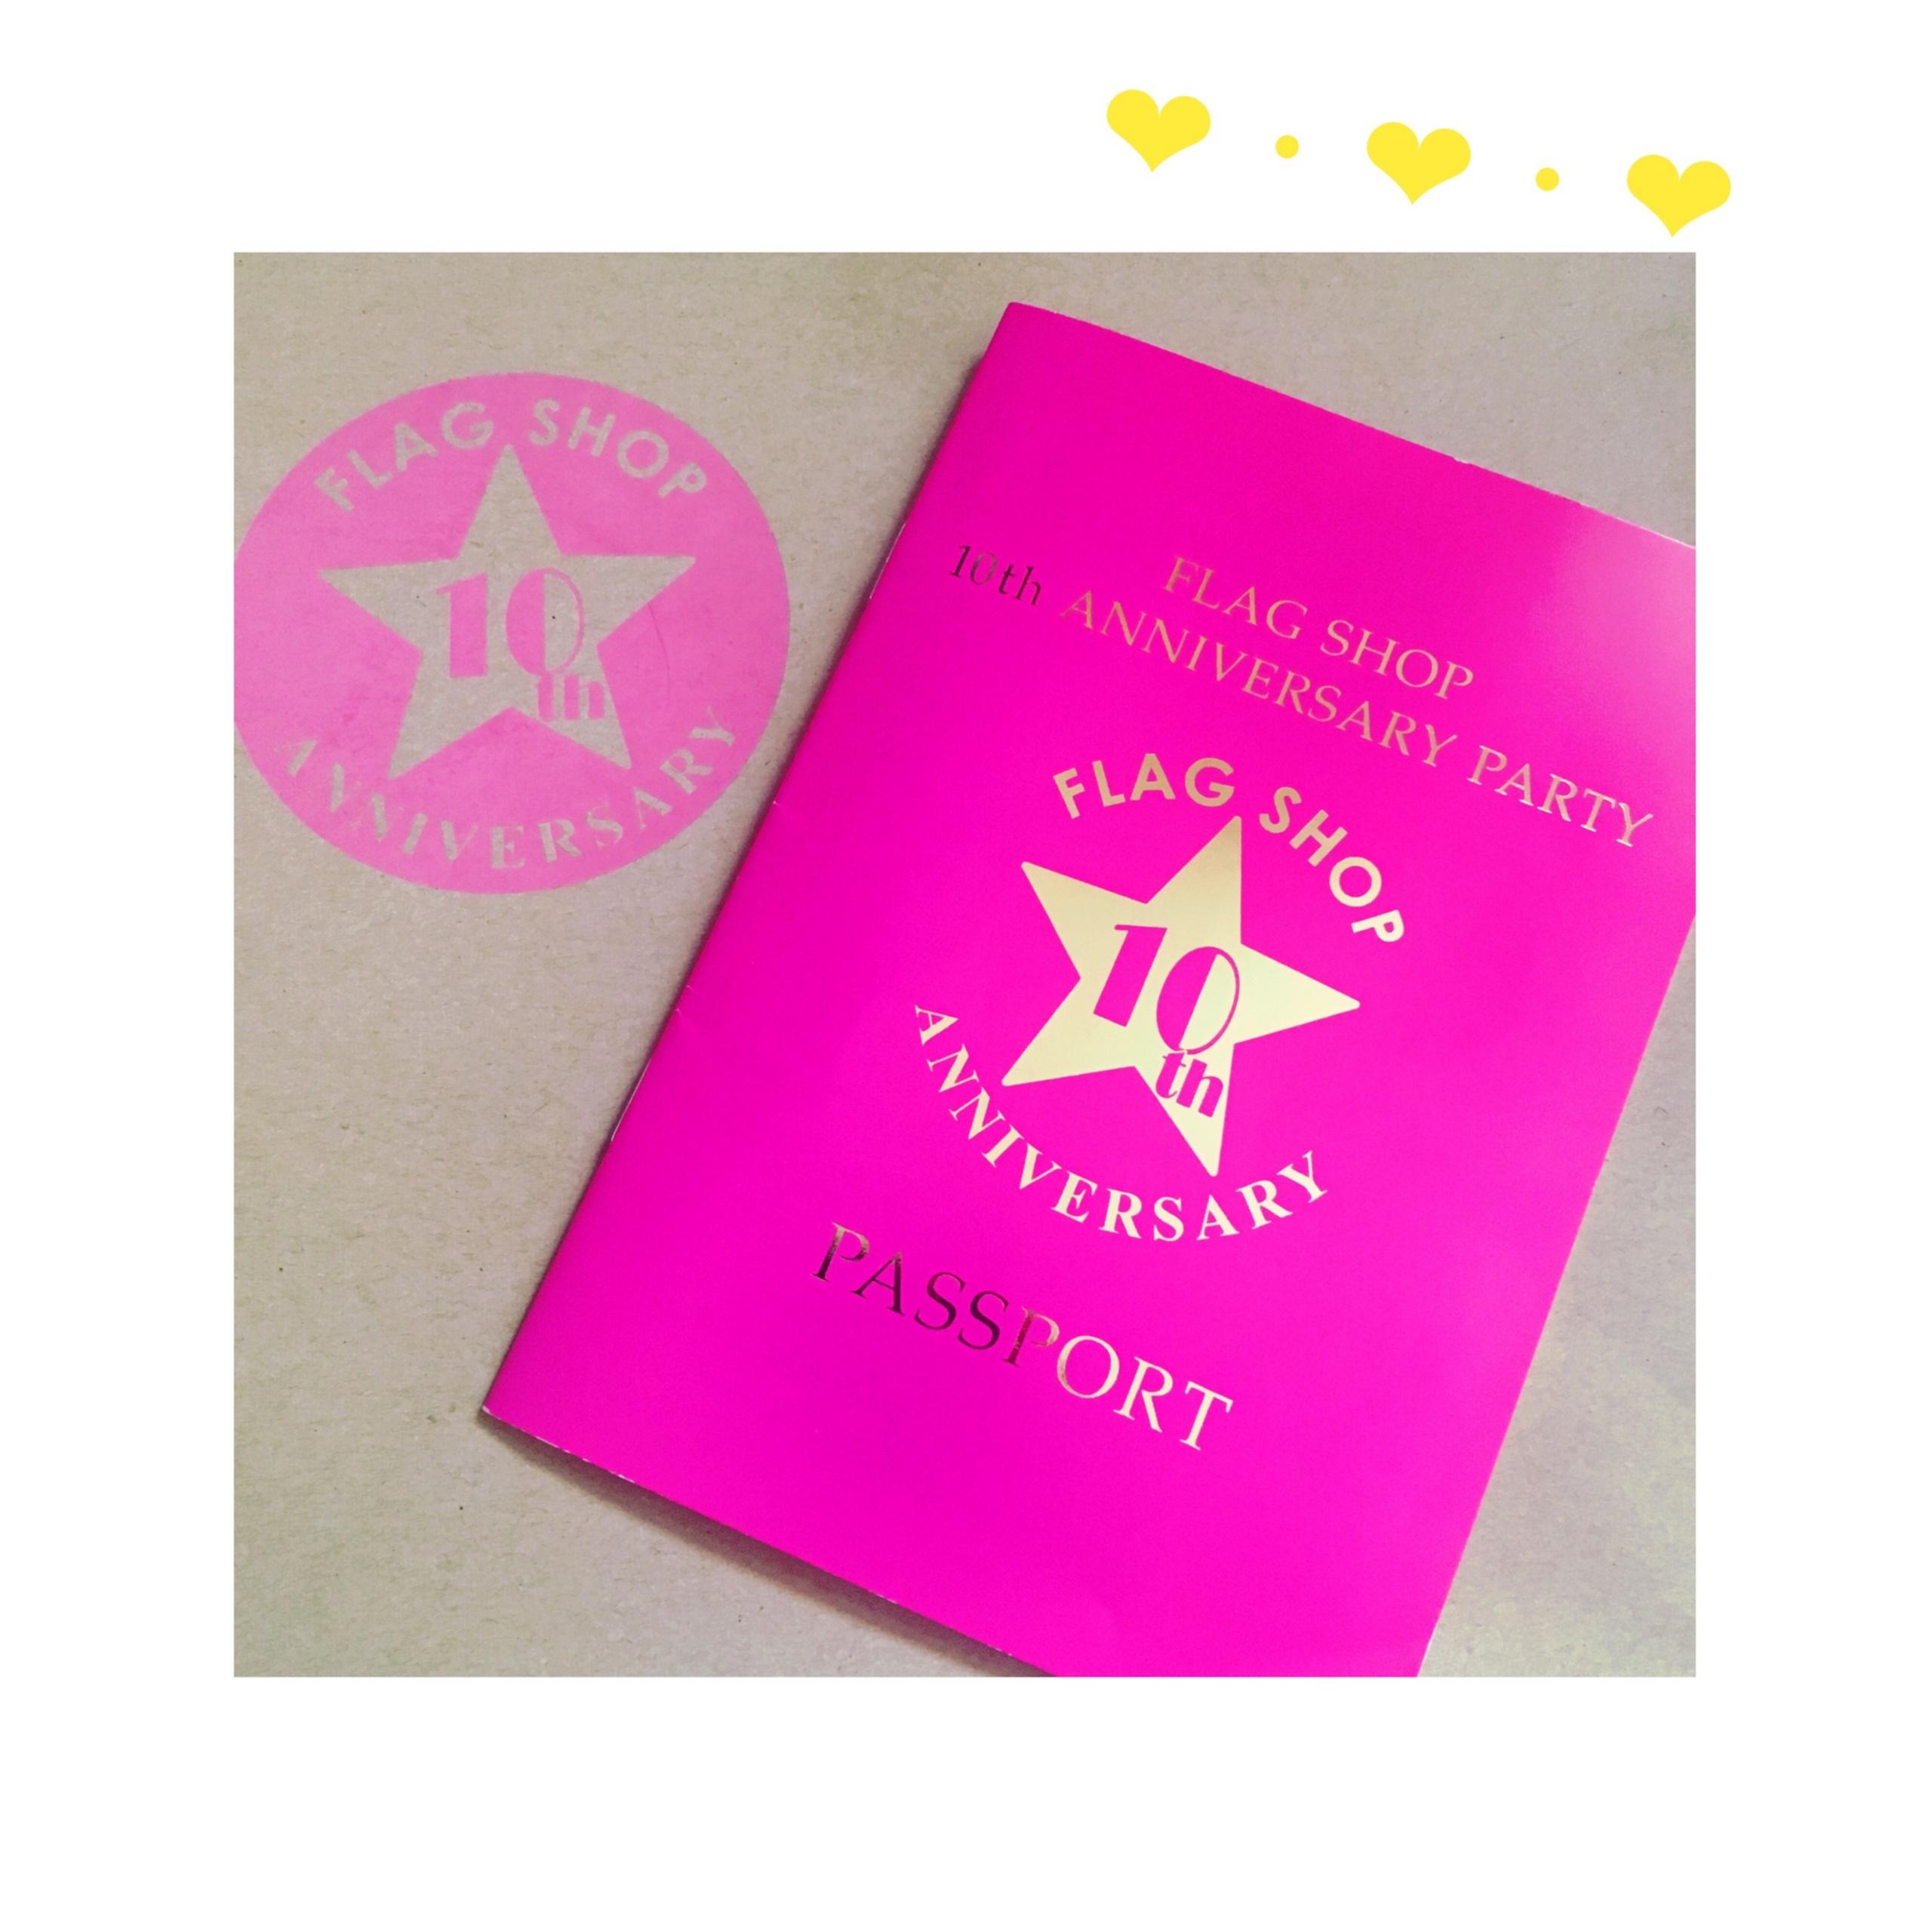 《内田理央ちゃんトークショー付き❤︎》【FLAG SHOP 10th Anniversary Party】行ってきました❤️ #happyを探す旅_1